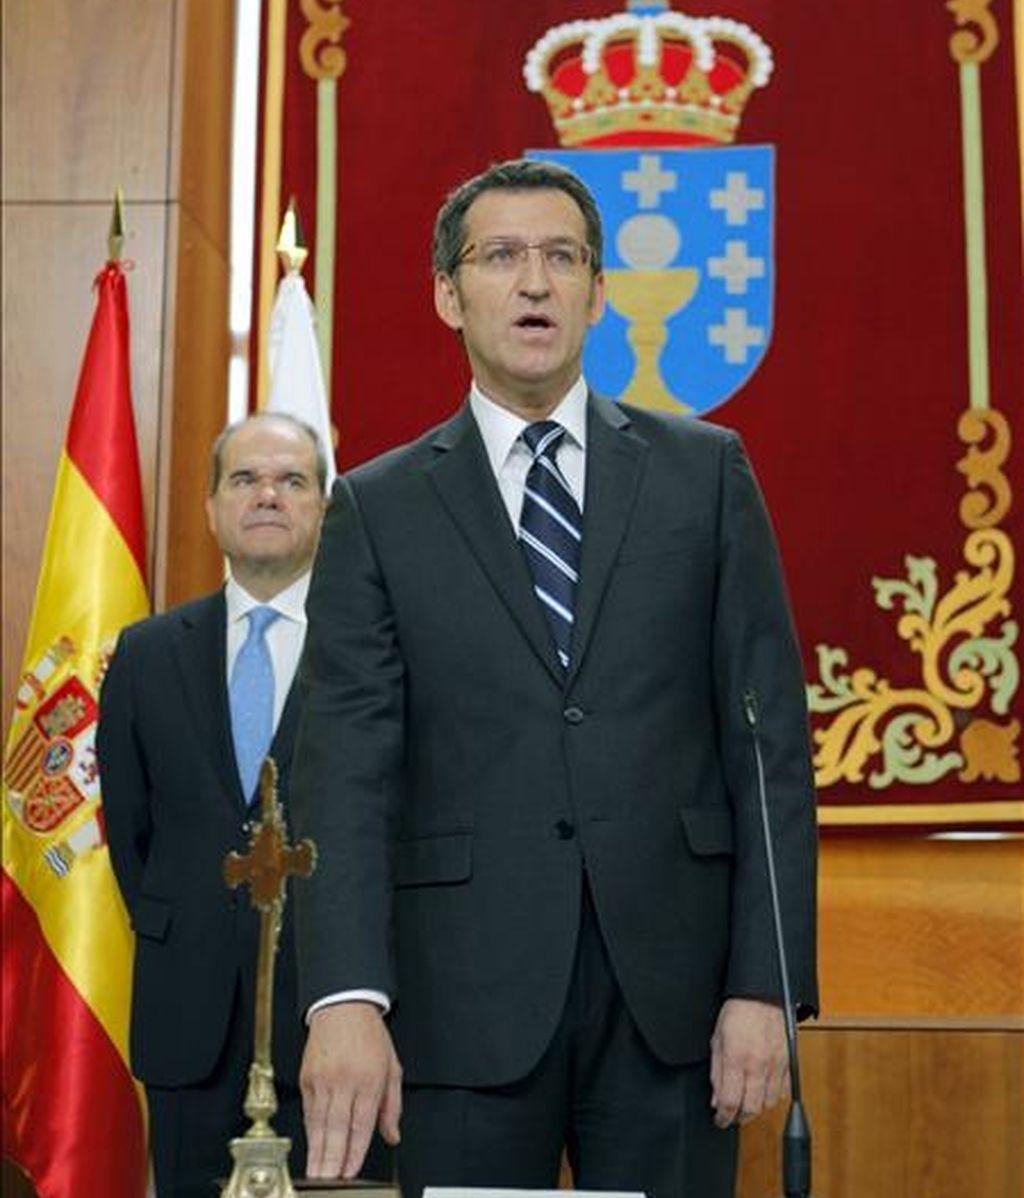 El presidente de la Xunta de Galicia, Alberto Núñez Feijóo, prometió su cargo, en presencia del vicepresidente tercero del Gobierno, Manuel Chaves, esta mañana en el Parlamento de Galicia. EFE